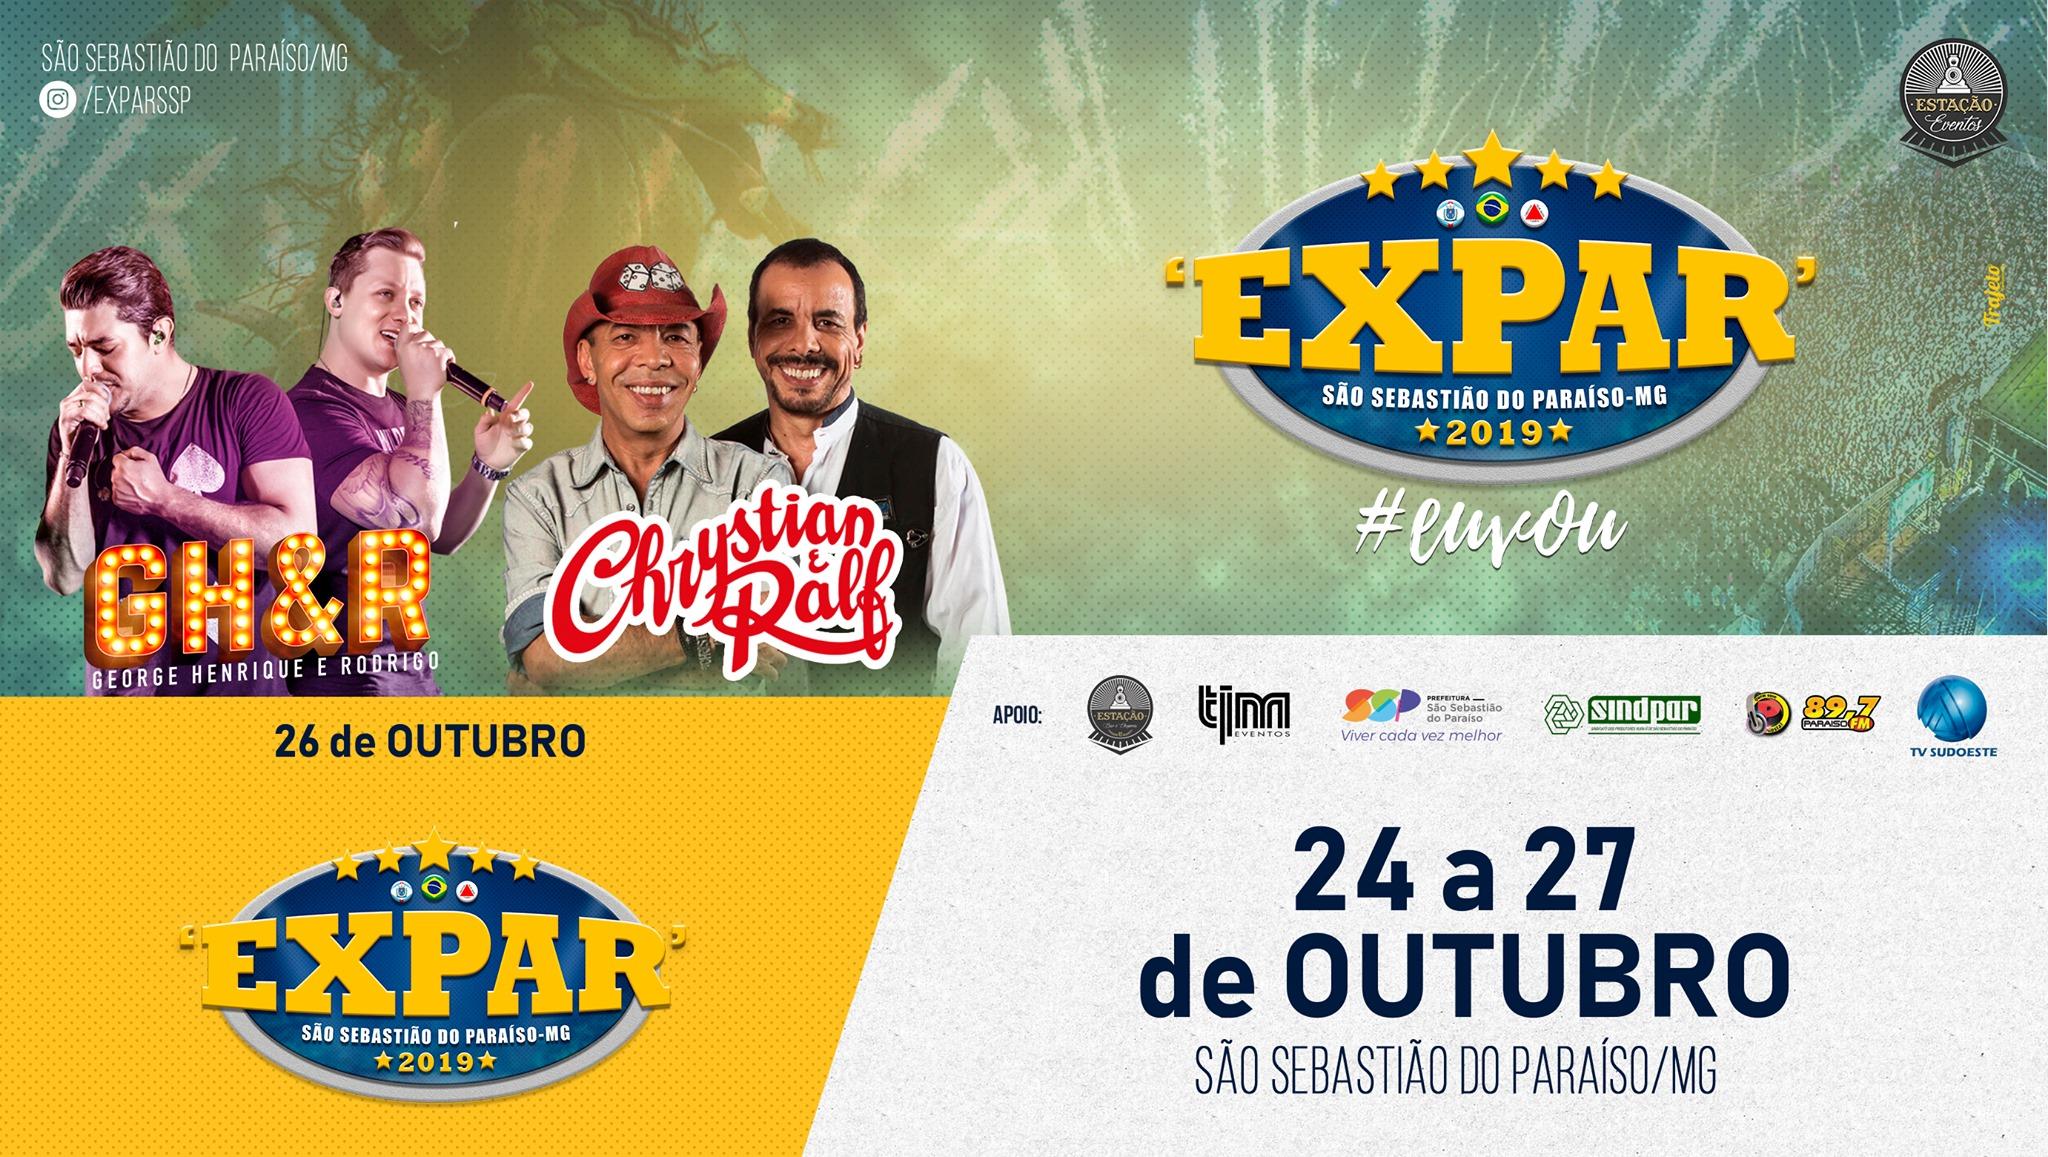 Expar 2019 - Show Chrystian e Ralf São Sebastião do Paraiso MG.